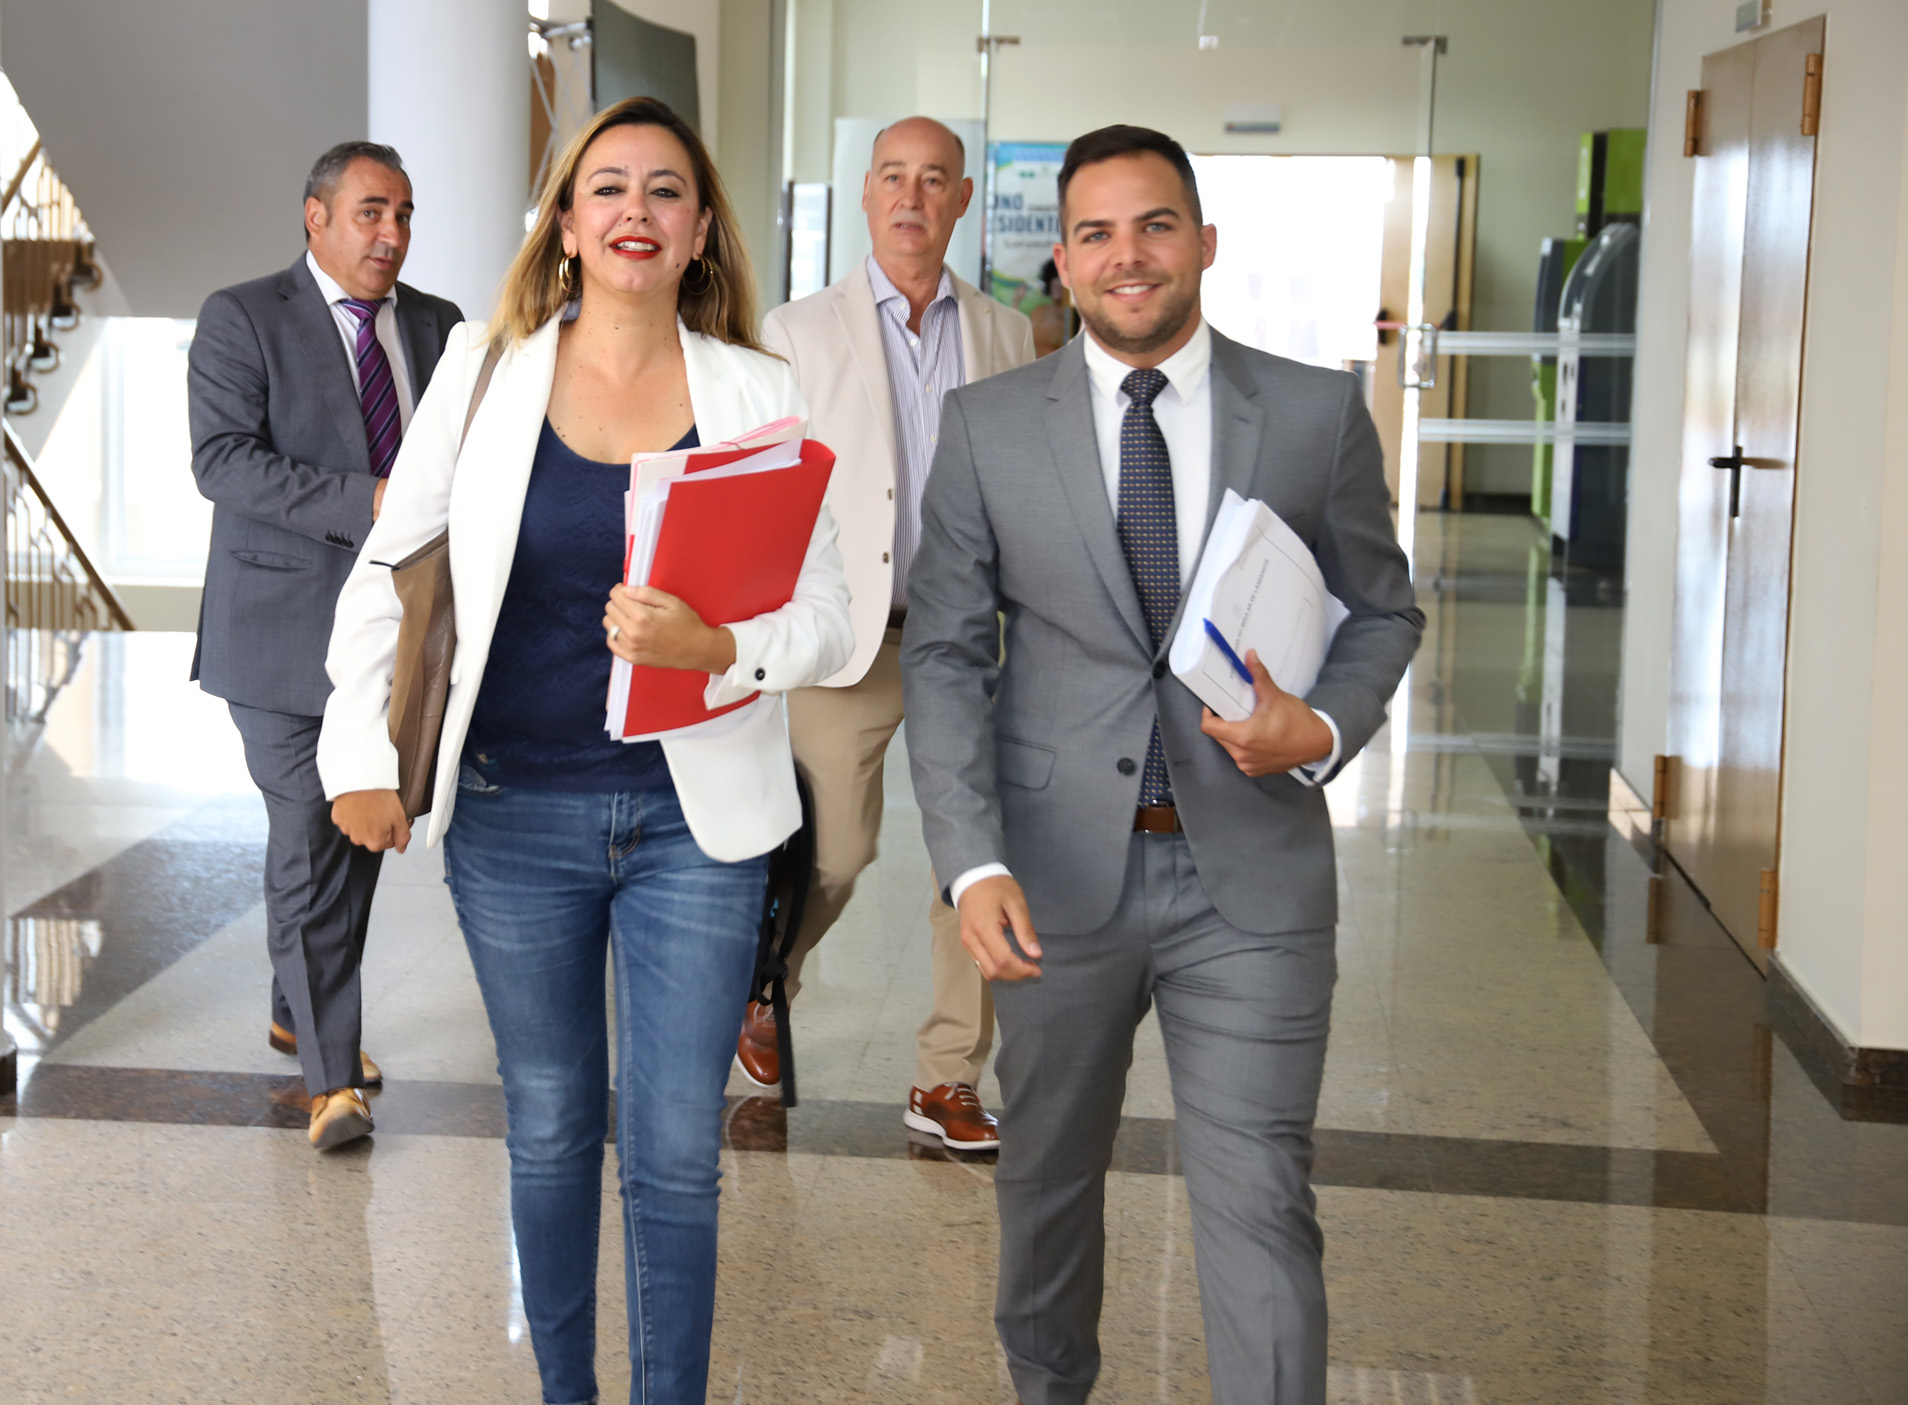 María Dolores Corujo y Jacobo Medina. Lanzarote